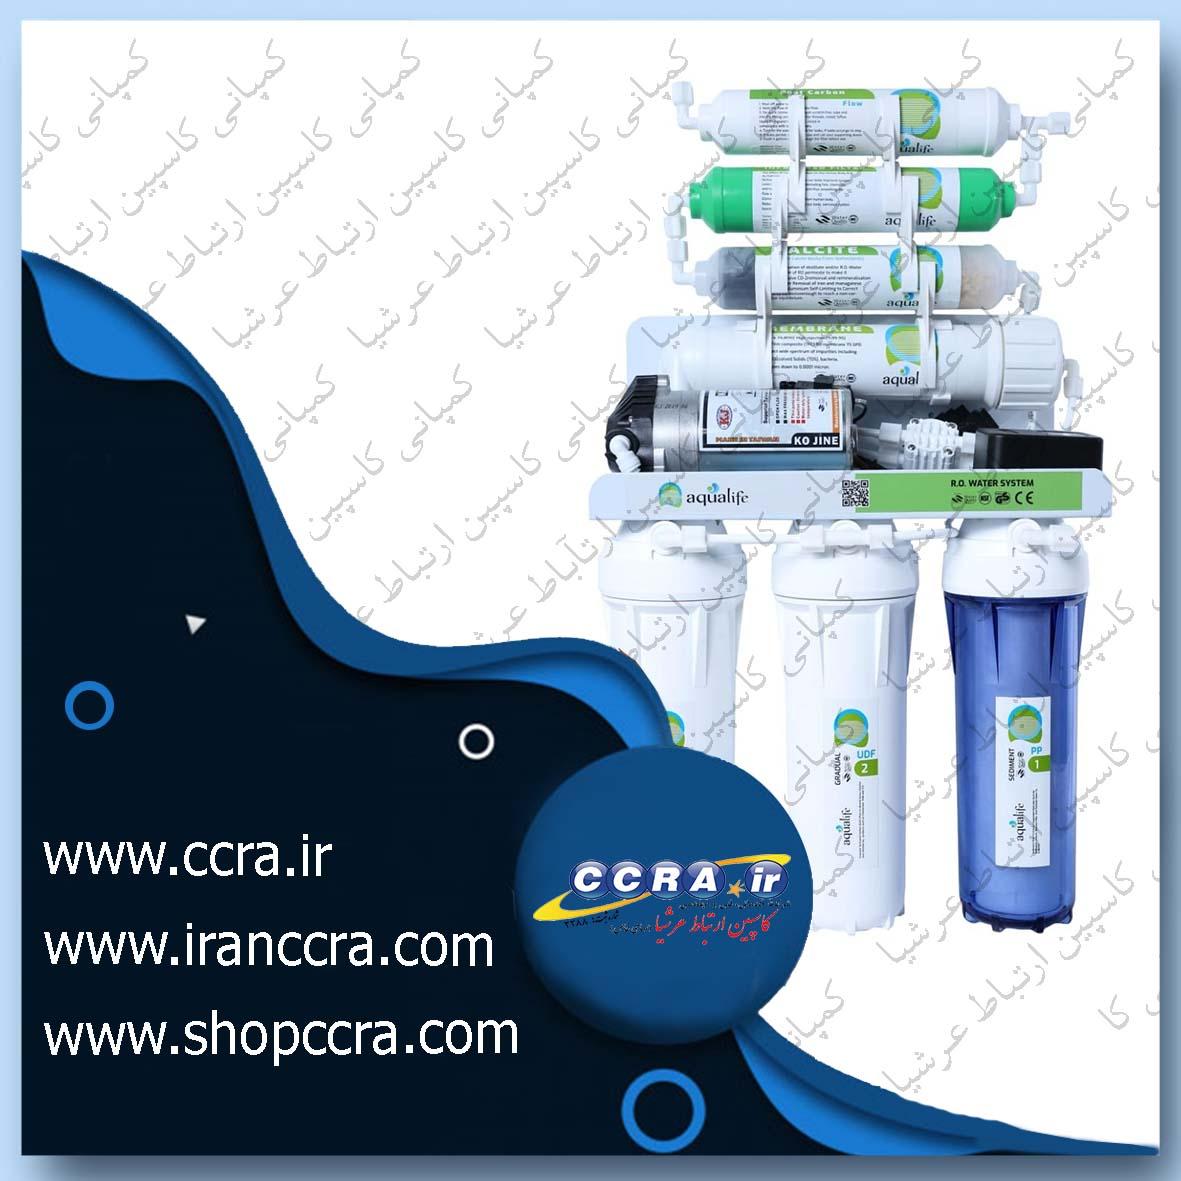 دستگاه تصفیه آب خانگی 7 مرحله ای آکوالایف با فیلتر اکسیژن ساز